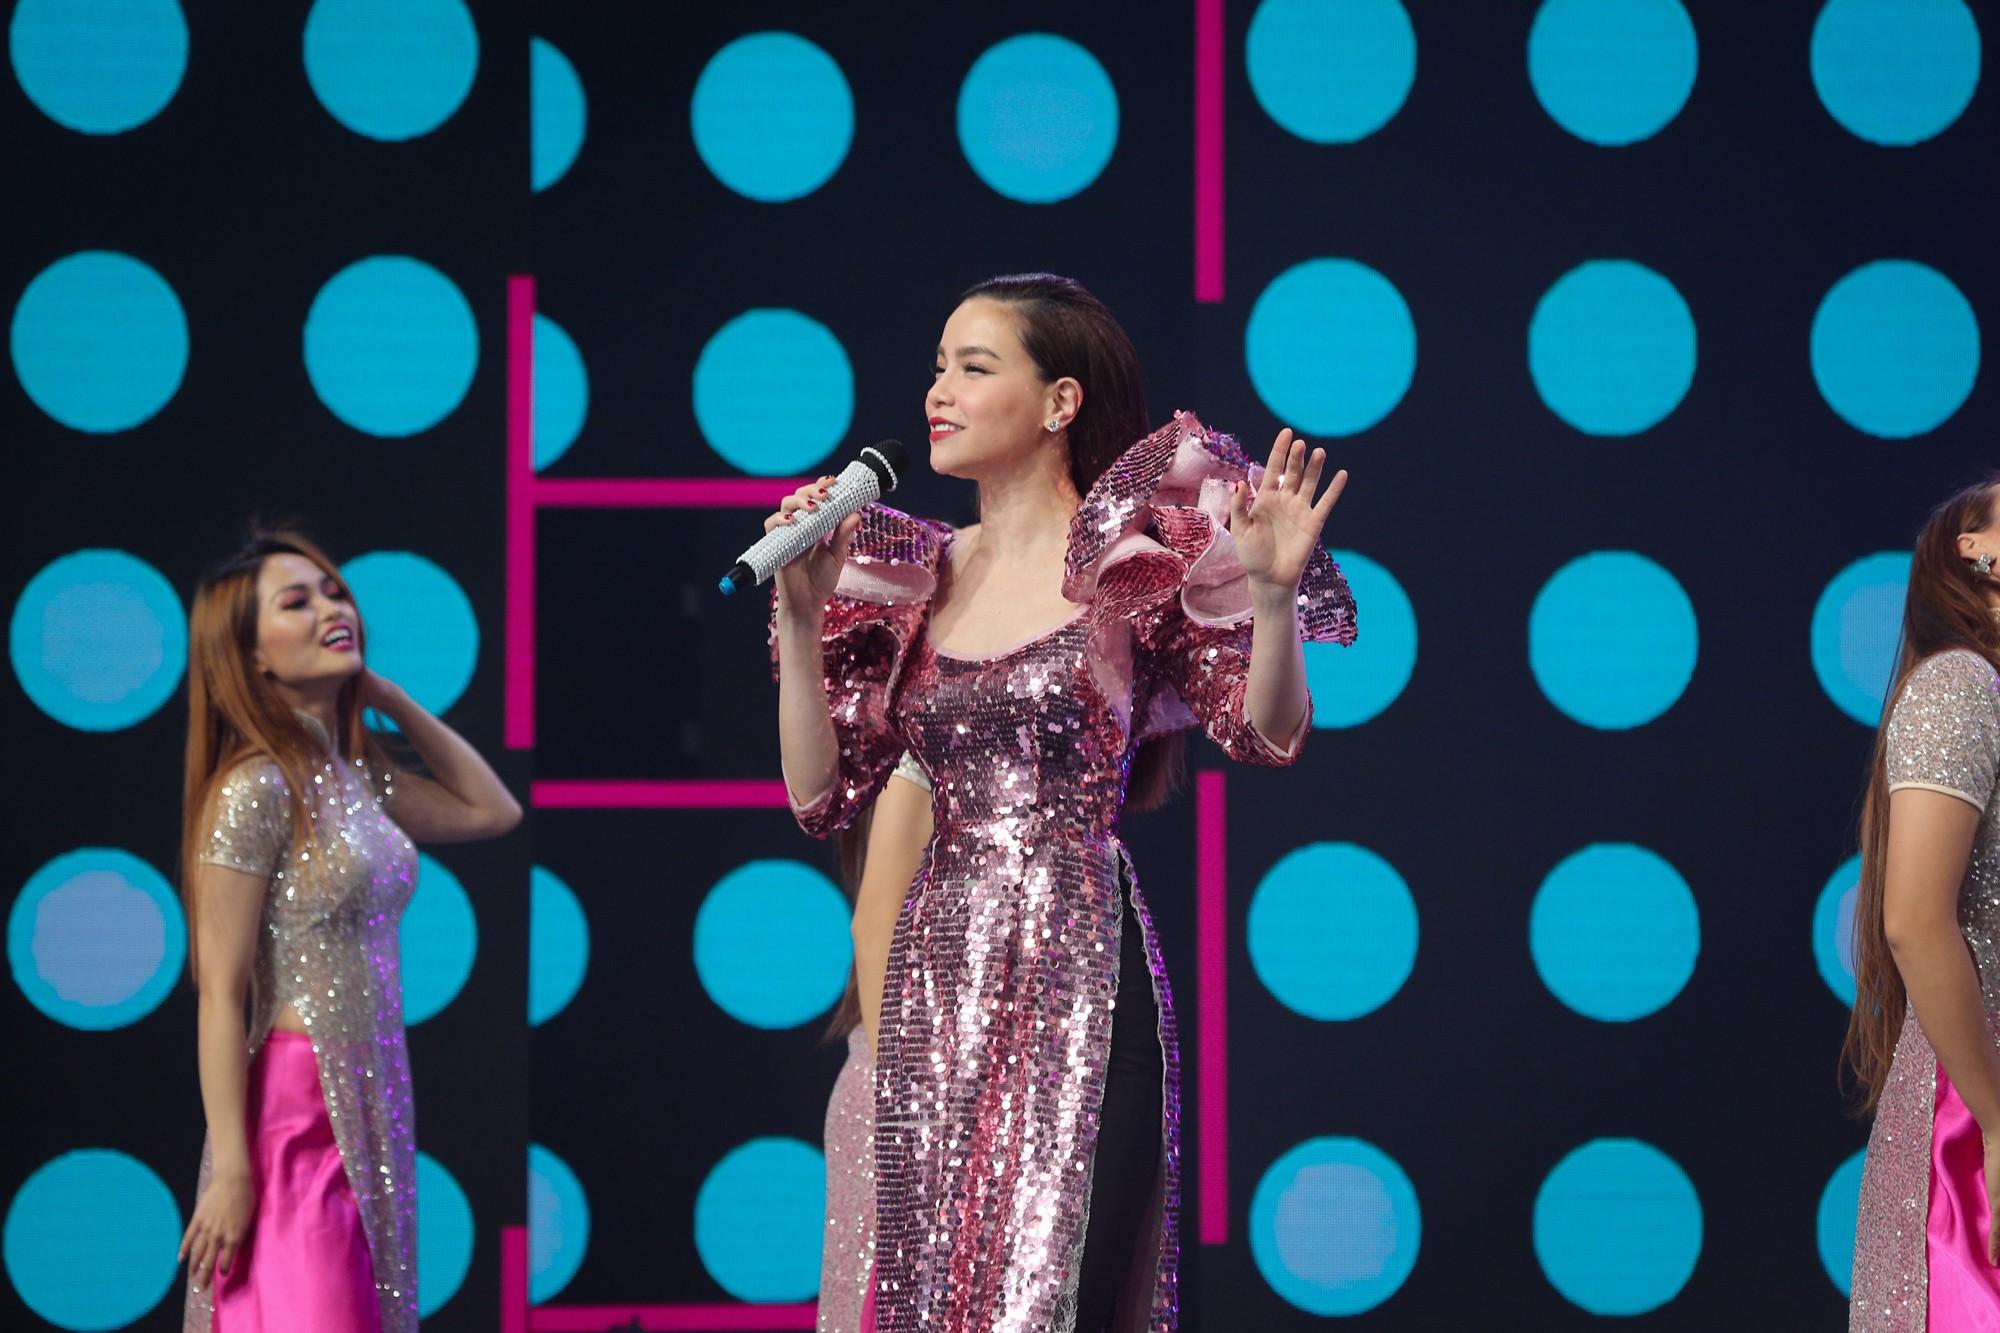 Hồ Ngọc Hà, Noo Phước Thịnh cùng hơn 30 nghệ sĩ Vpop đồng loạt quy tụ trong chương trình nhạc Xuân rộn ràng - Ảnh 3.